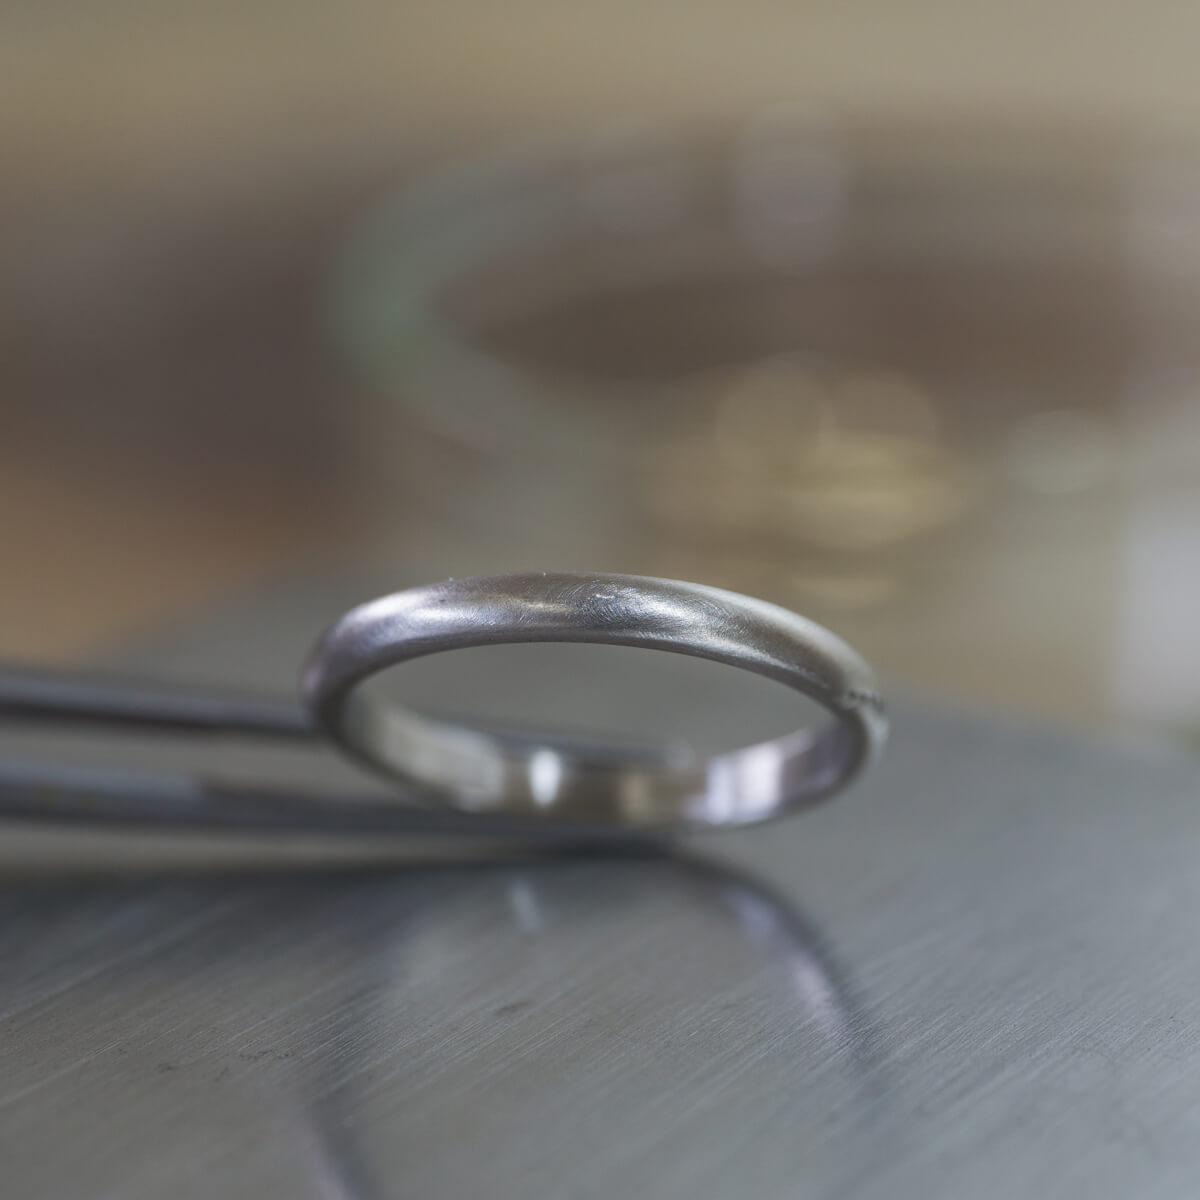 角度3 オーダーメイドマリッジリング ジュエリーのアトリエ プラチナリング 屋久島のシダモチーフ 屋久島でつくる結婚指輪